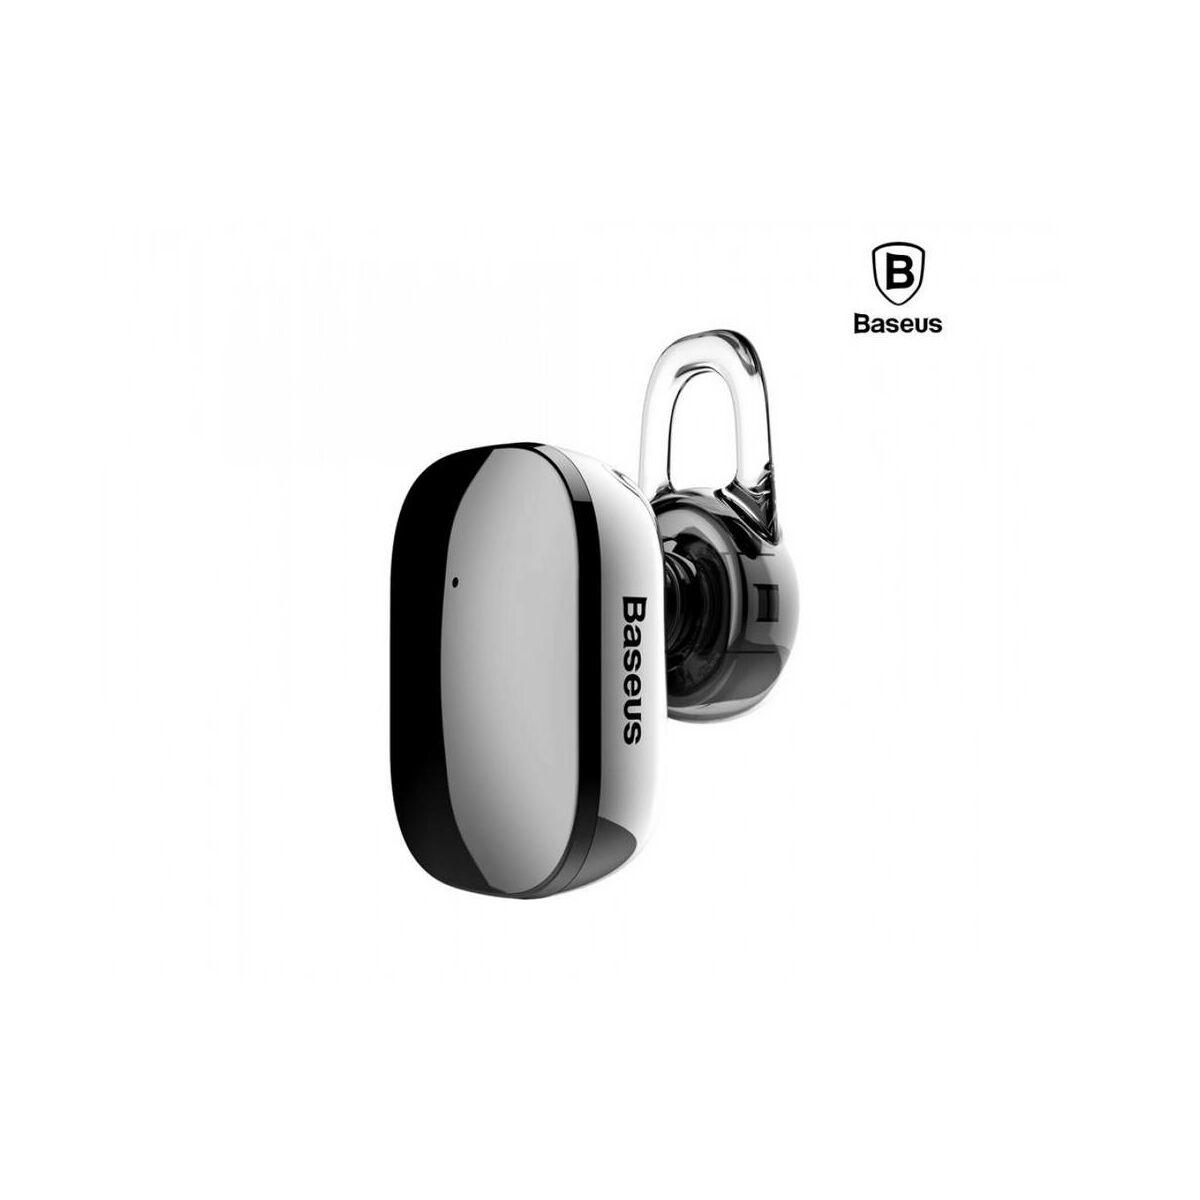 Baseus fülhallgató, Bluetooth Encok A02 Mini vezeték nélküli, fekete (NGA02-0A)